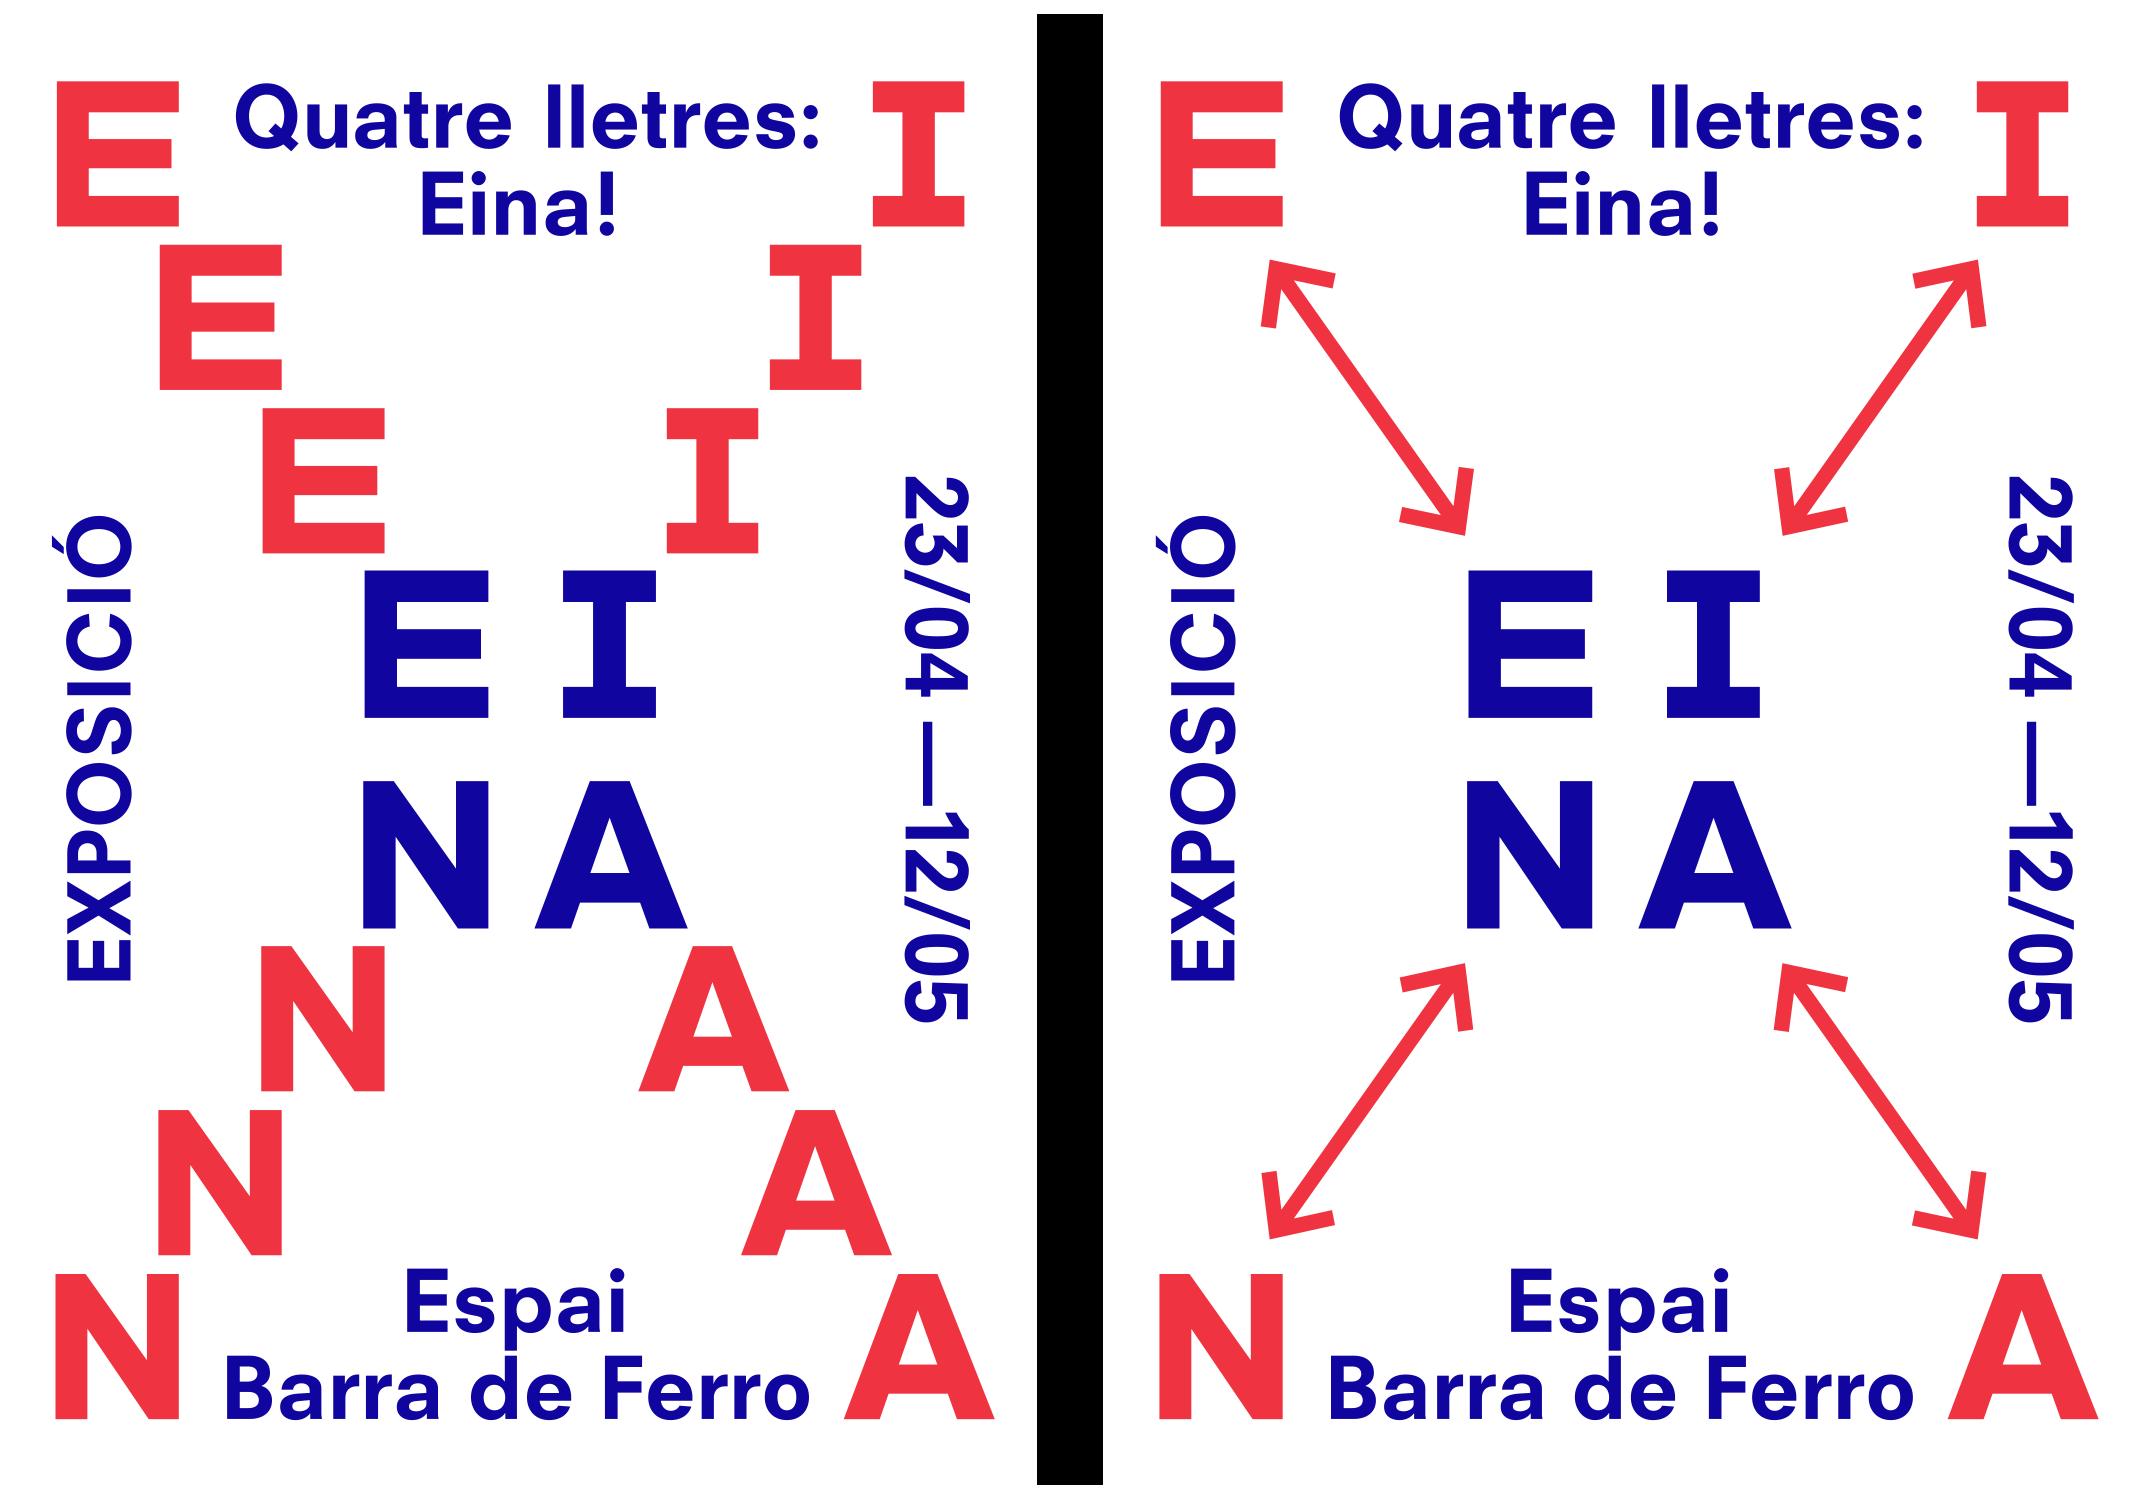 graphic design eina clase bcn – Clase bcn